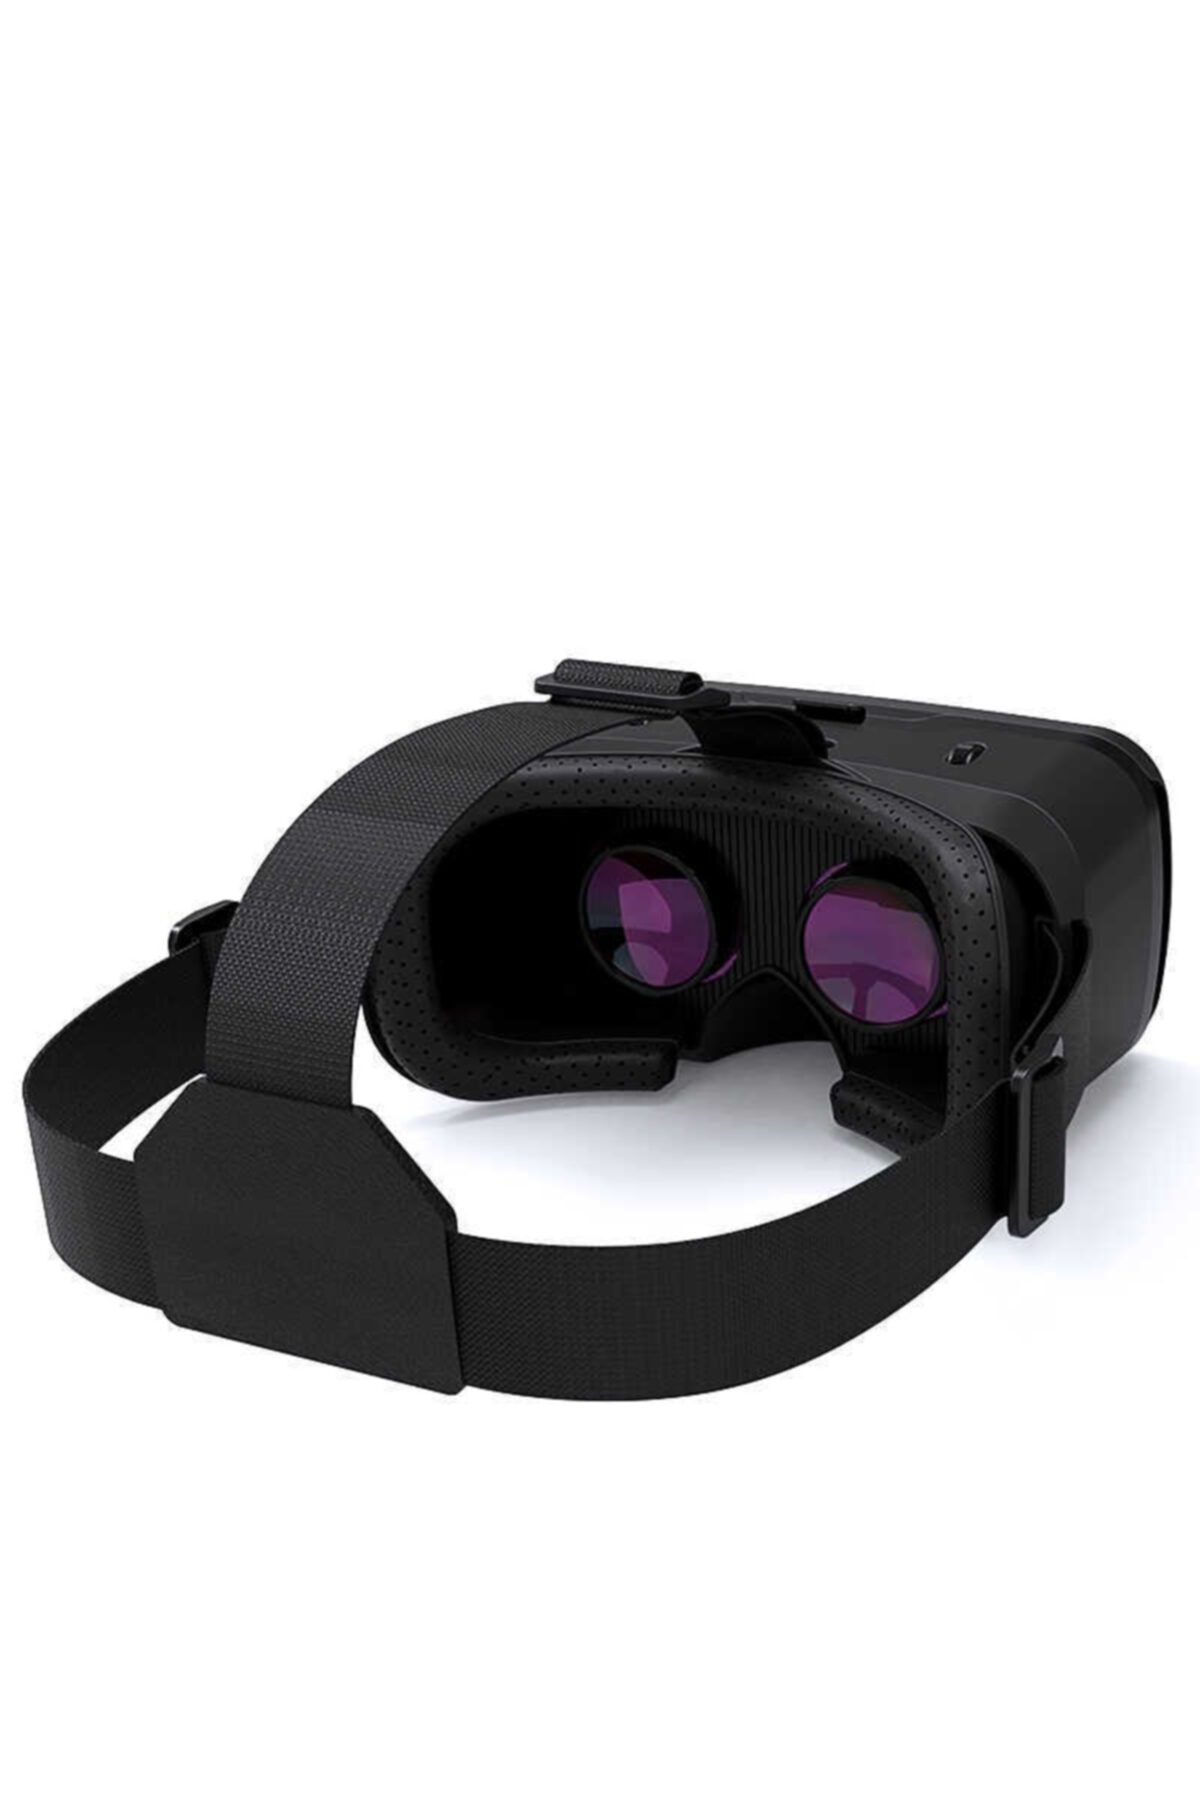 Teknoloji Gelsin Vr Shinecon 3d 720° Panoromik Sanal Gerçeklik Gözlüğü Siyah 1